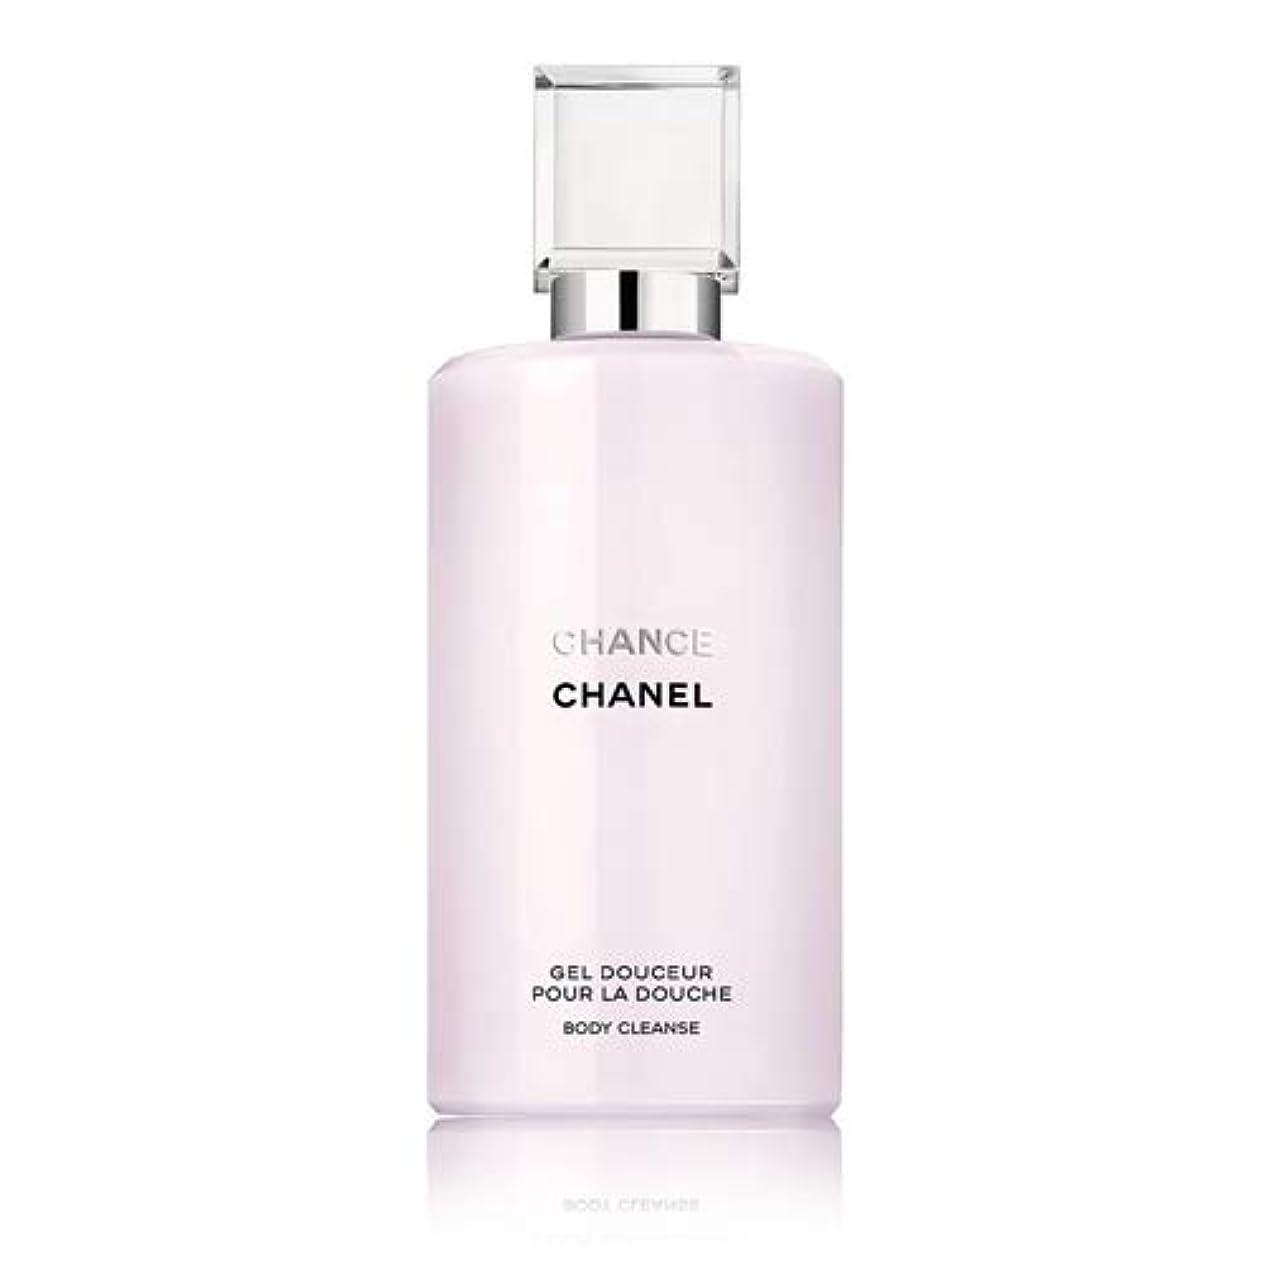 罪卑しい名目上のシャネル チャンス スウィート シャワージェル 200ml CHANEL CHANCE BODY CLEANSE [9505] [並行輸入品]